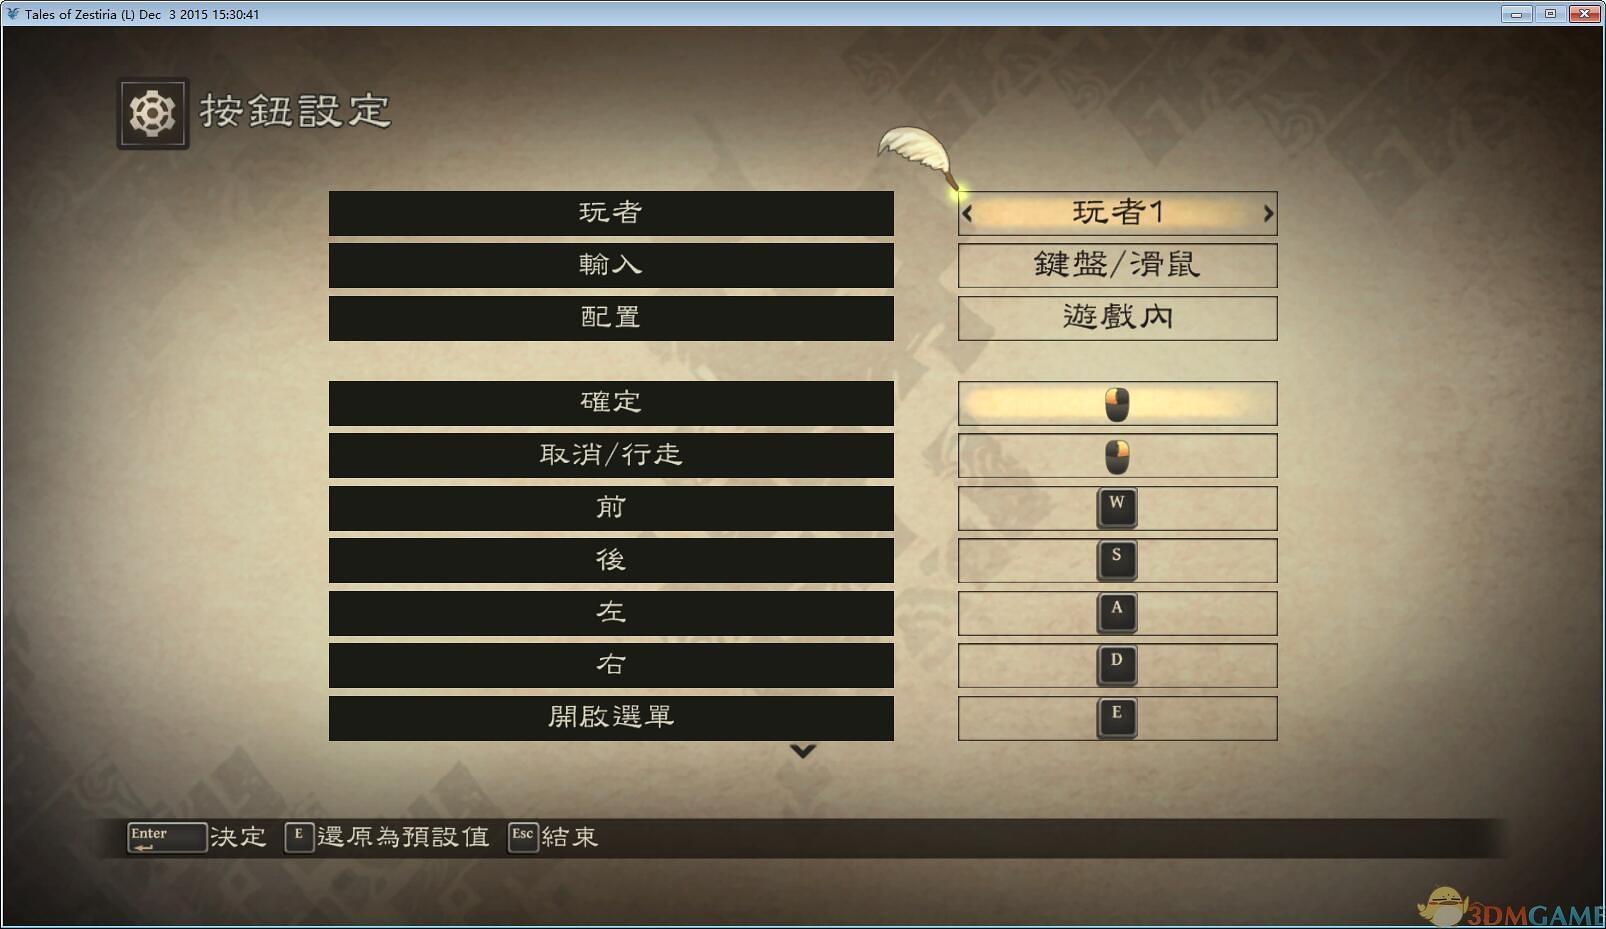 情热传说 v1.2升级档+11个DLCs+破解补丁[3DM]